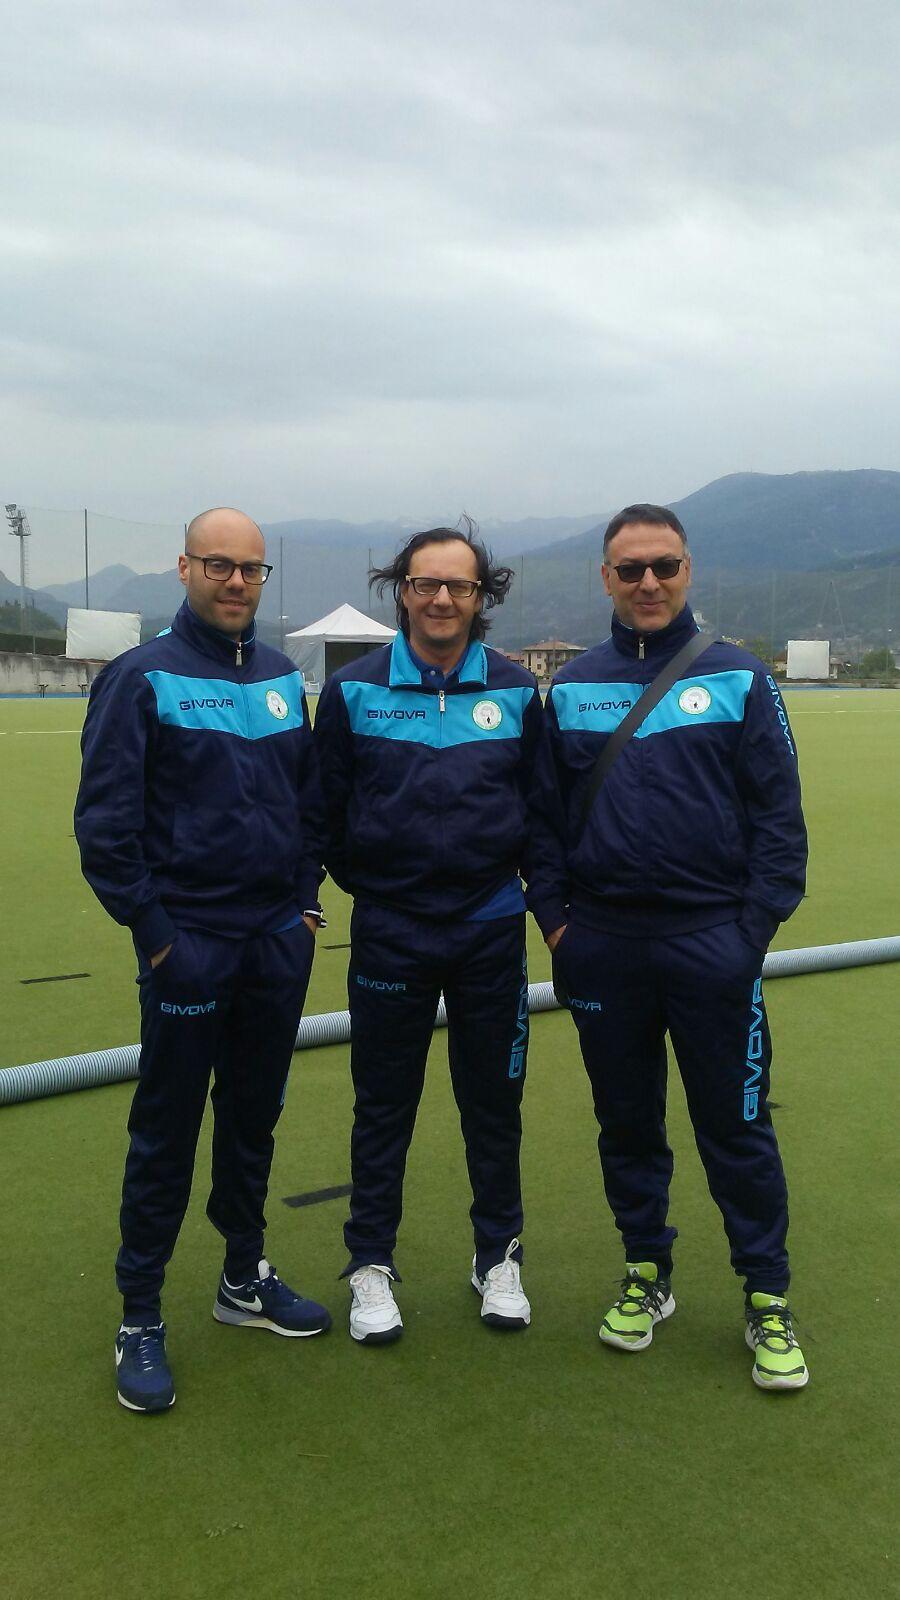 Barcellona PG. Hockey su prato, la Pgs Don Bosco 2000 torna in serie B